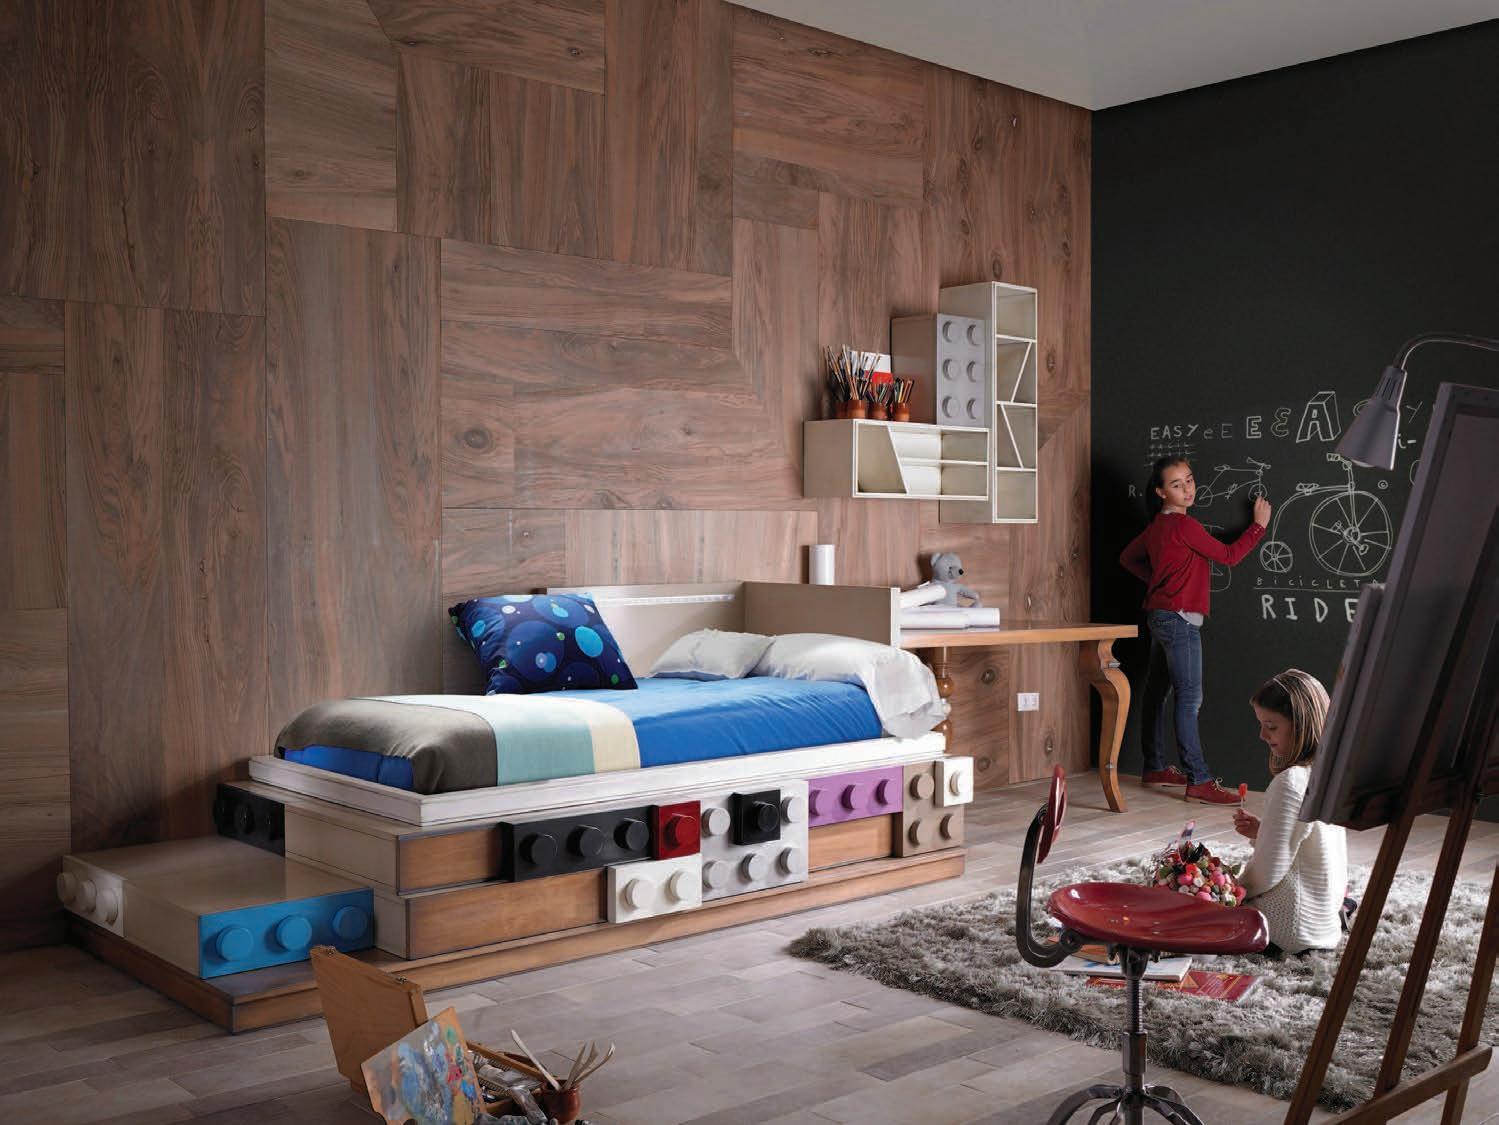 غرفة أطفال مبتكرة 11 غرفة أطفال مبتكرة 1